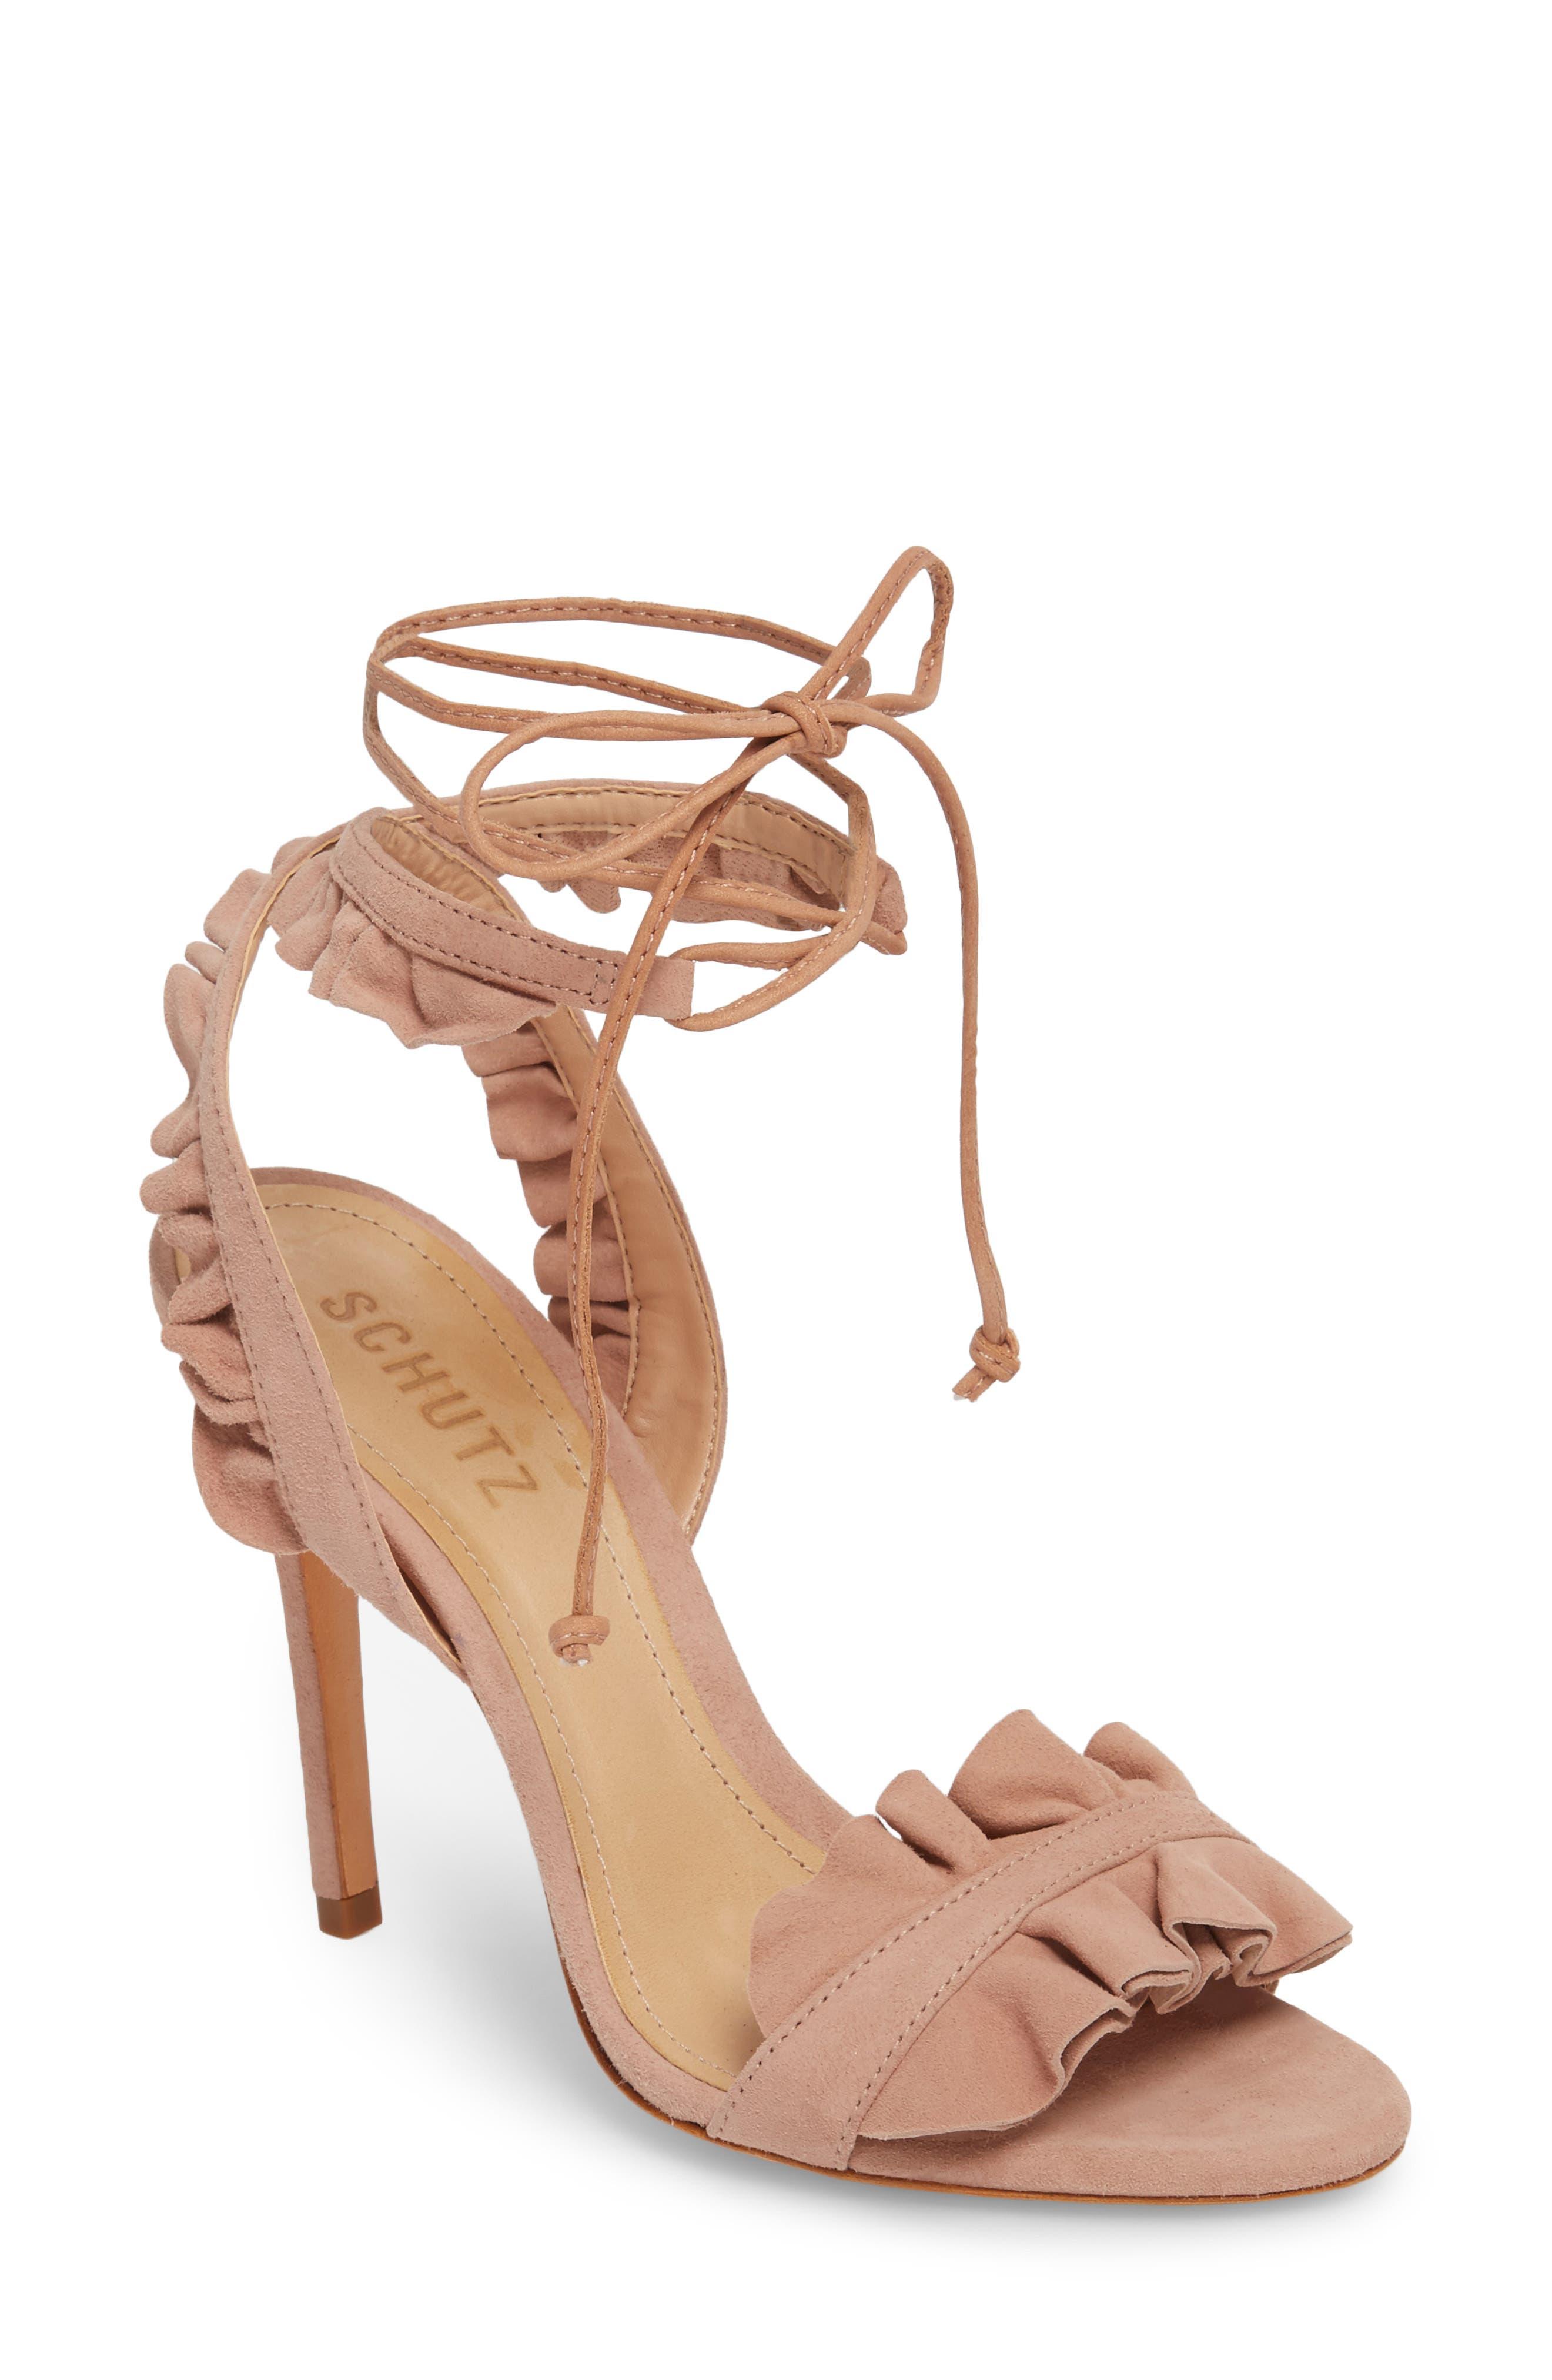 Irem Lace-UP Sandal,                             Main thumbnail 1, color,                             Peach Suede